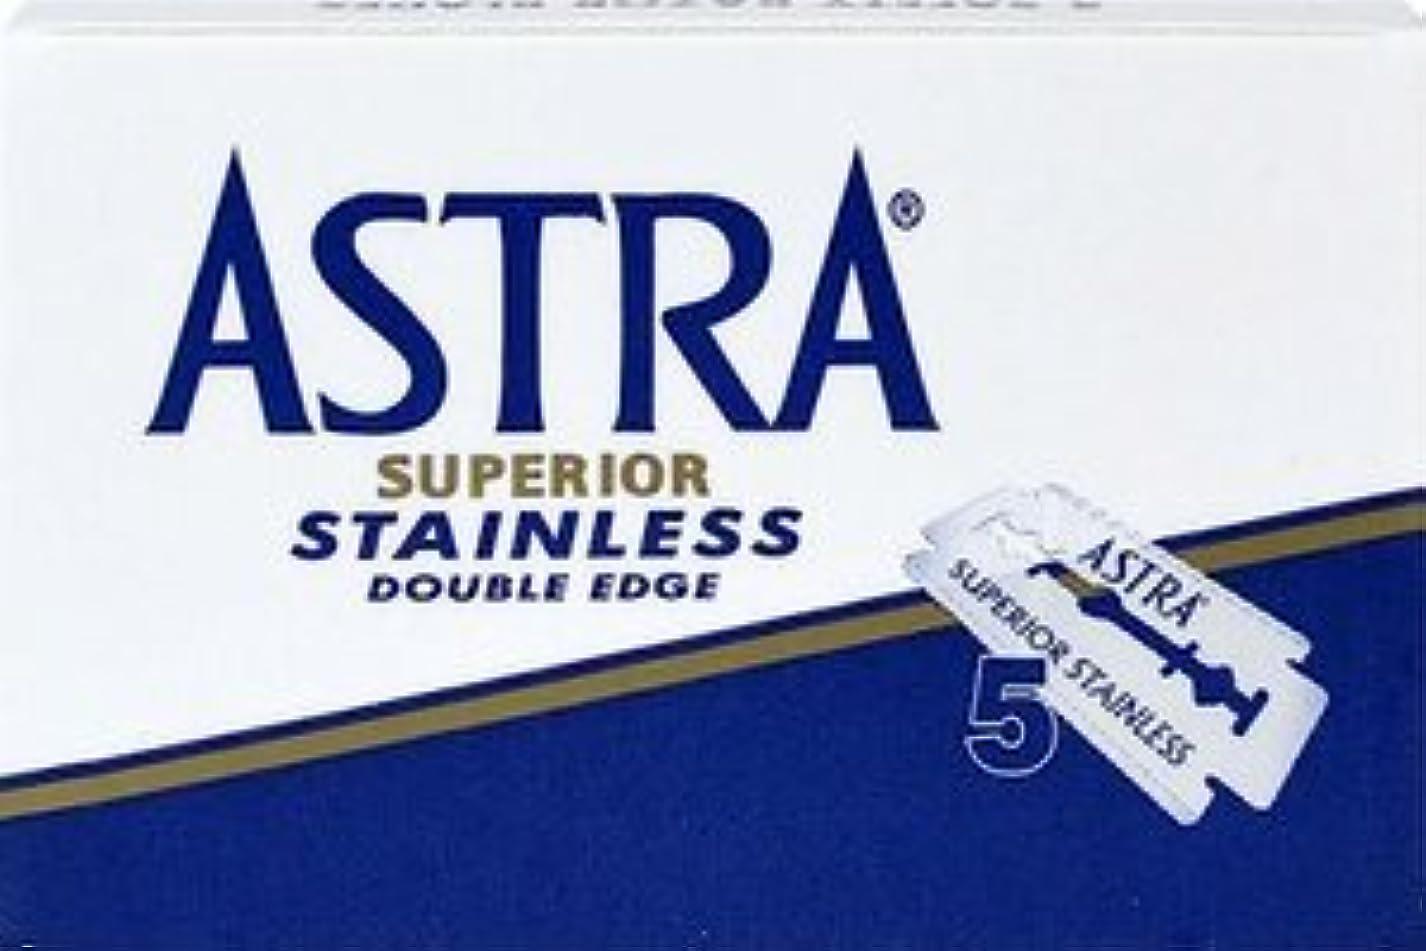 起こりやすい豊かな同盟ASTRA Superior Stainless 両刃替刃 5枚入り(5枚入り1 個セット)【並行輸入品】